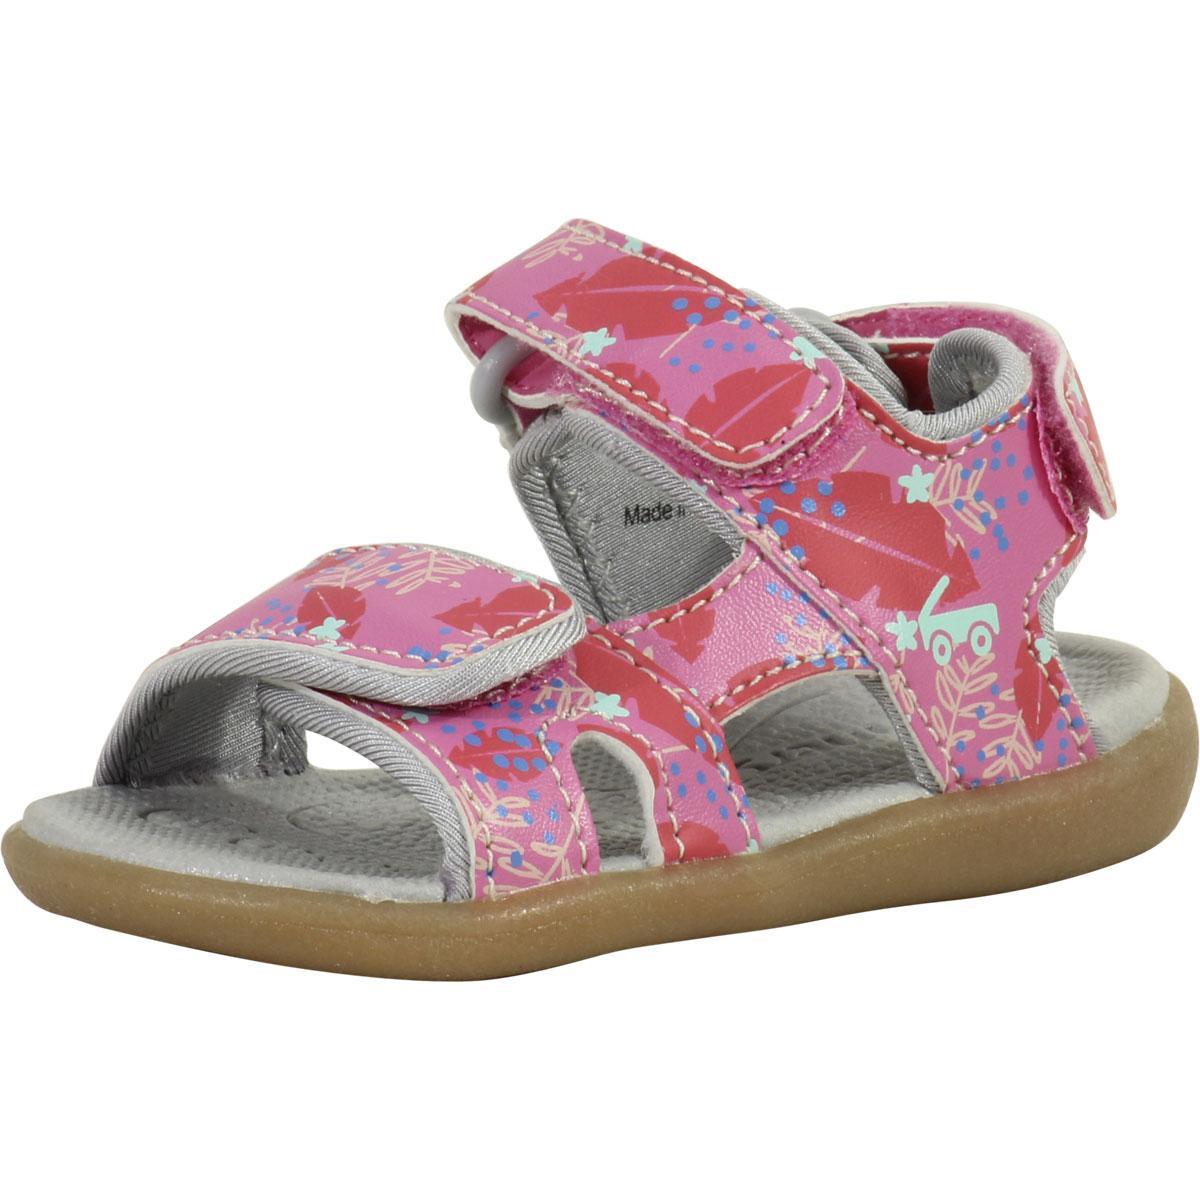 327c918db3889 See Kai Run Toddler Girl's Makena Sandals Shoes